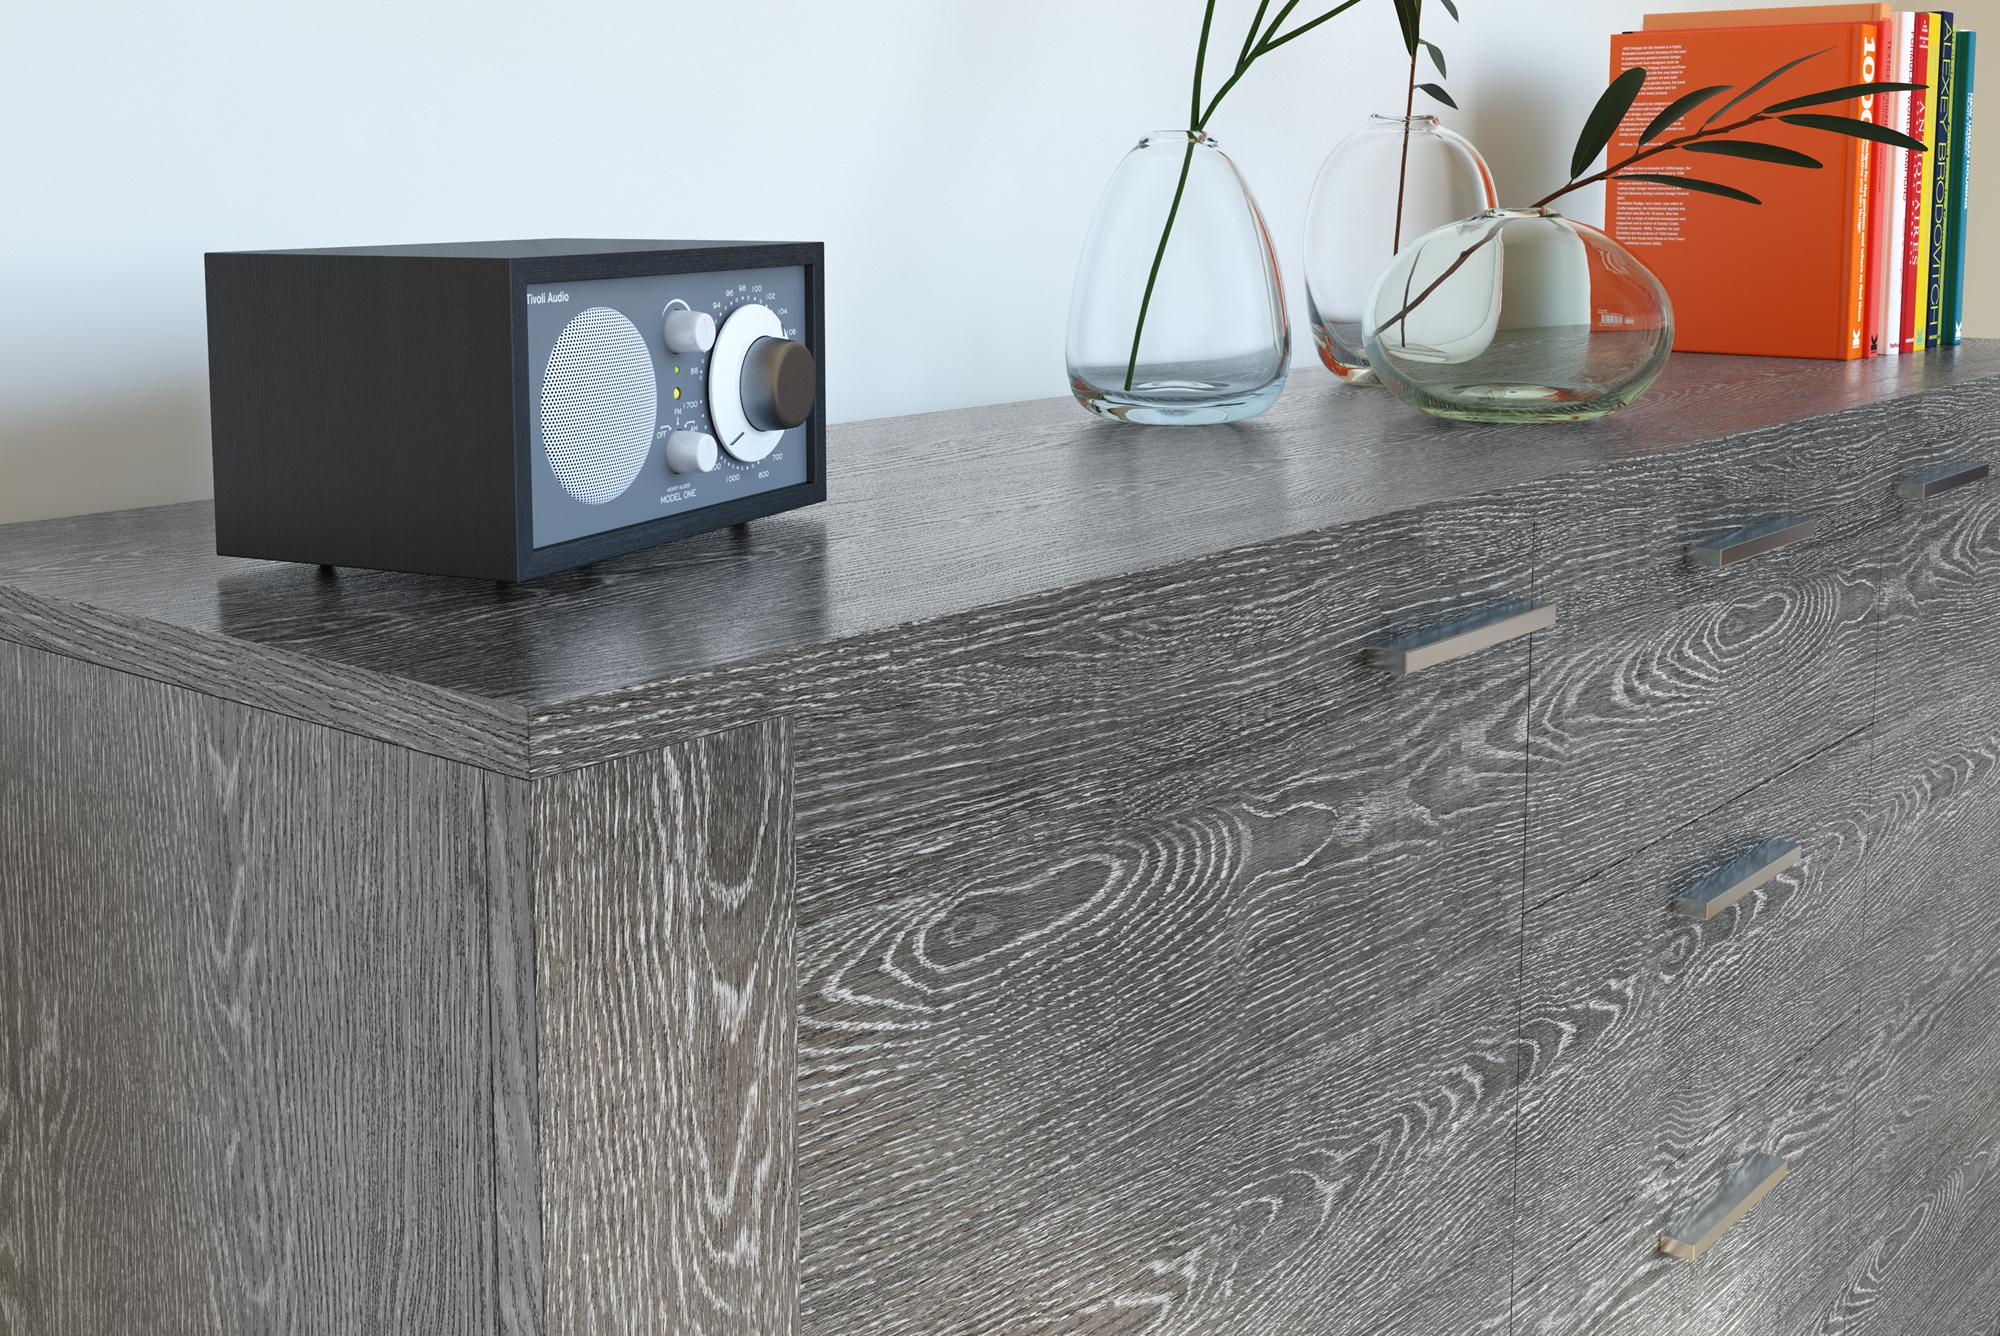 Vendita artesive wd 002 pellicola adesiva rovere grigio scuro larg 122 cm in vinile effetto - Pellicole adesive per mobili ...